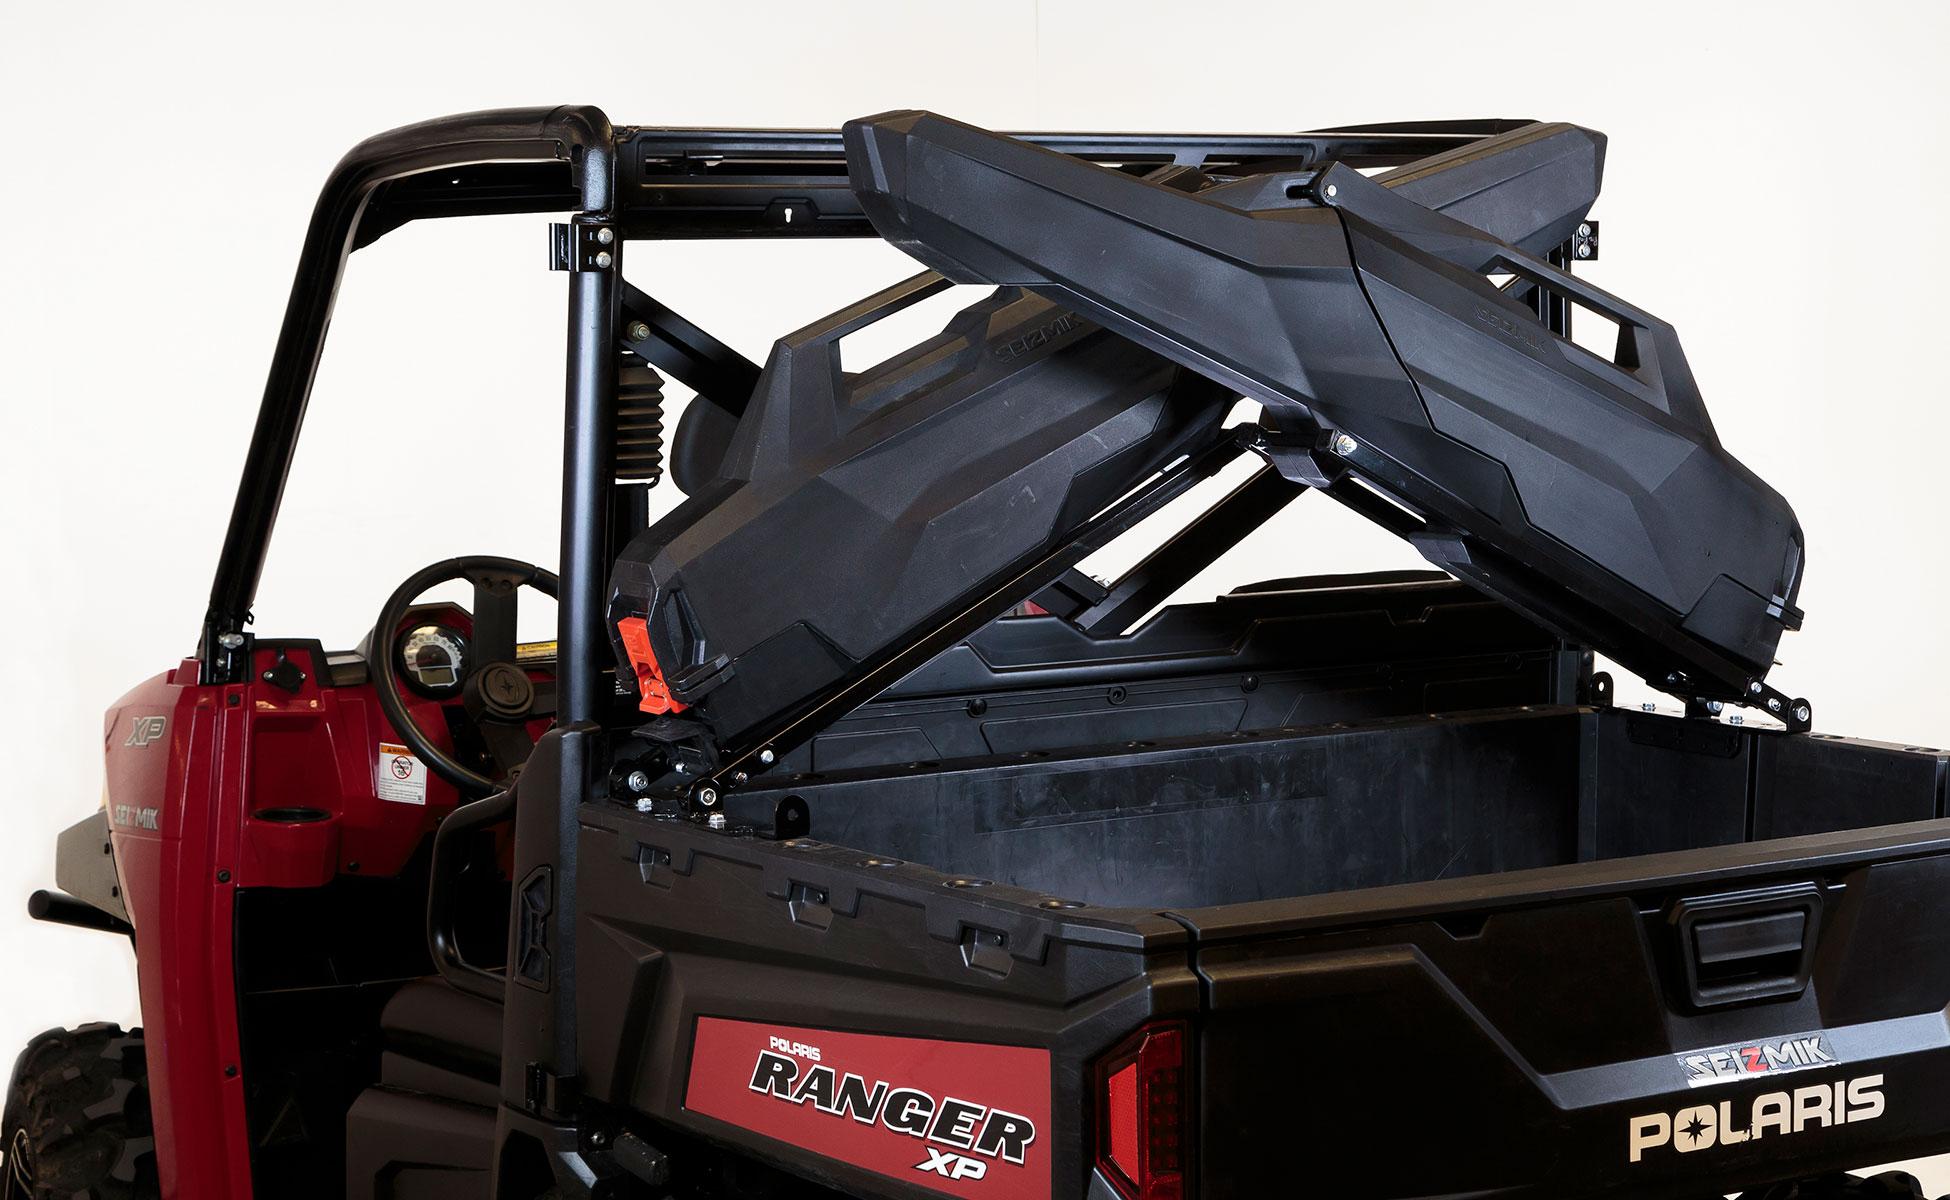 seizmik armory gun rack and gun case system for polaris ranger full size